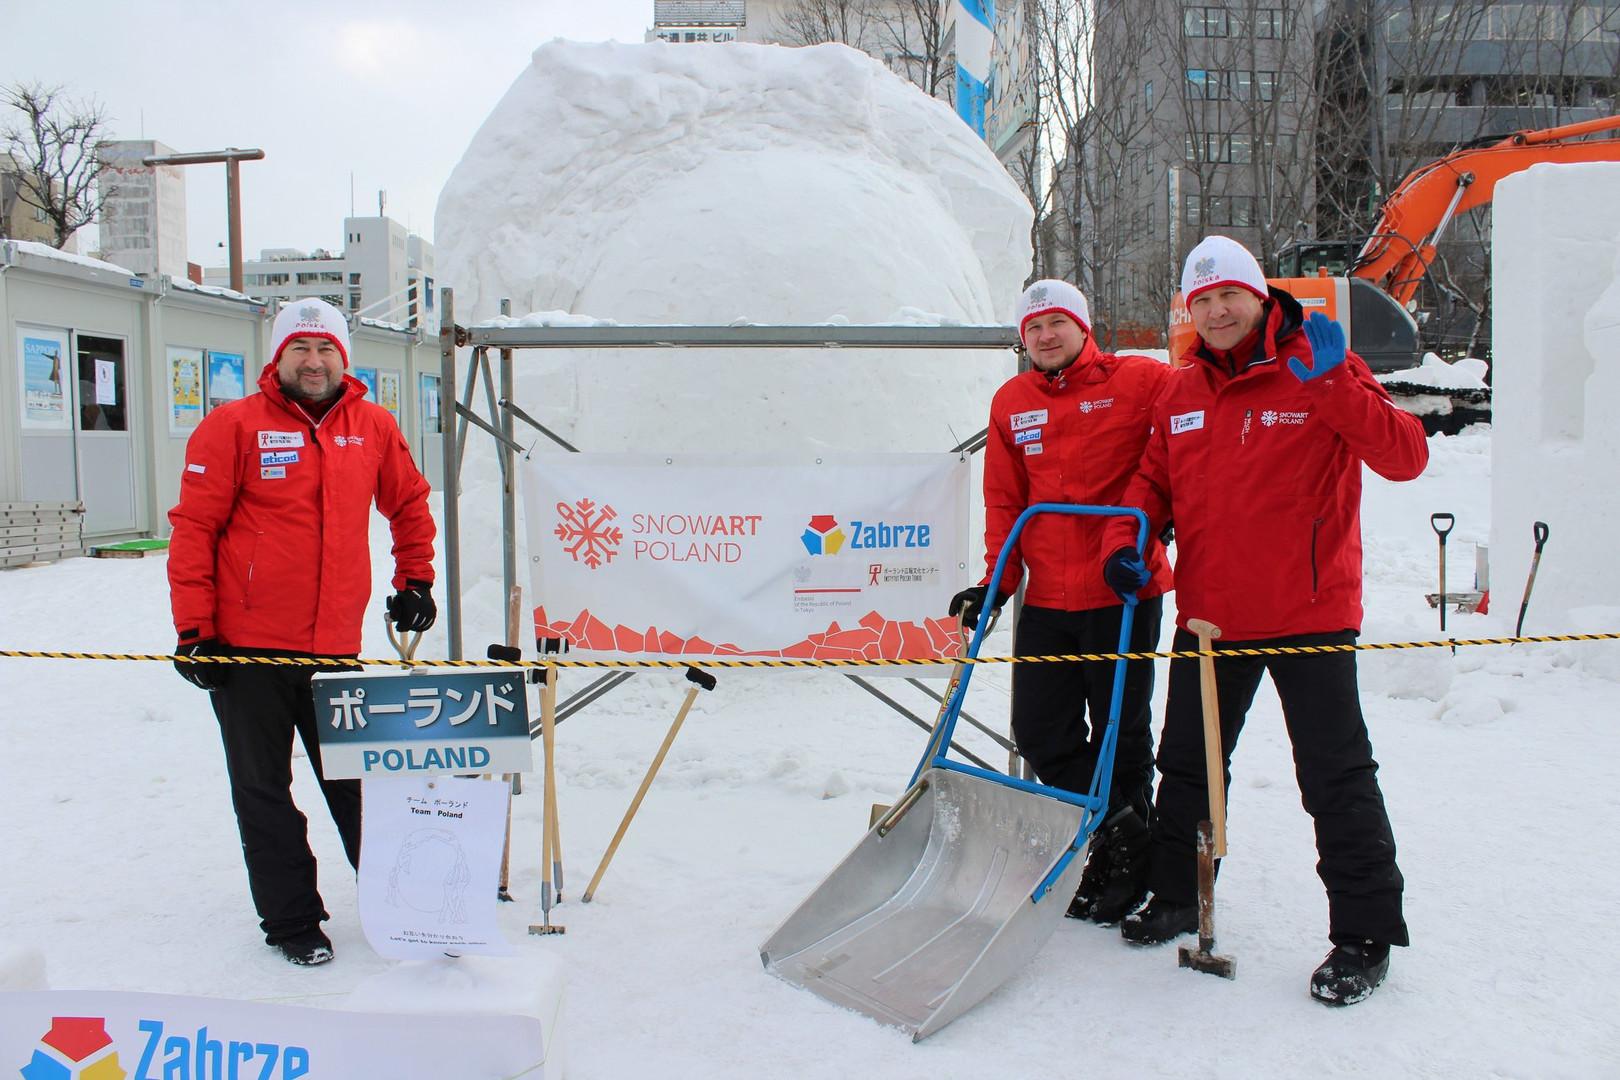 Snow Art Poland.1.jpg